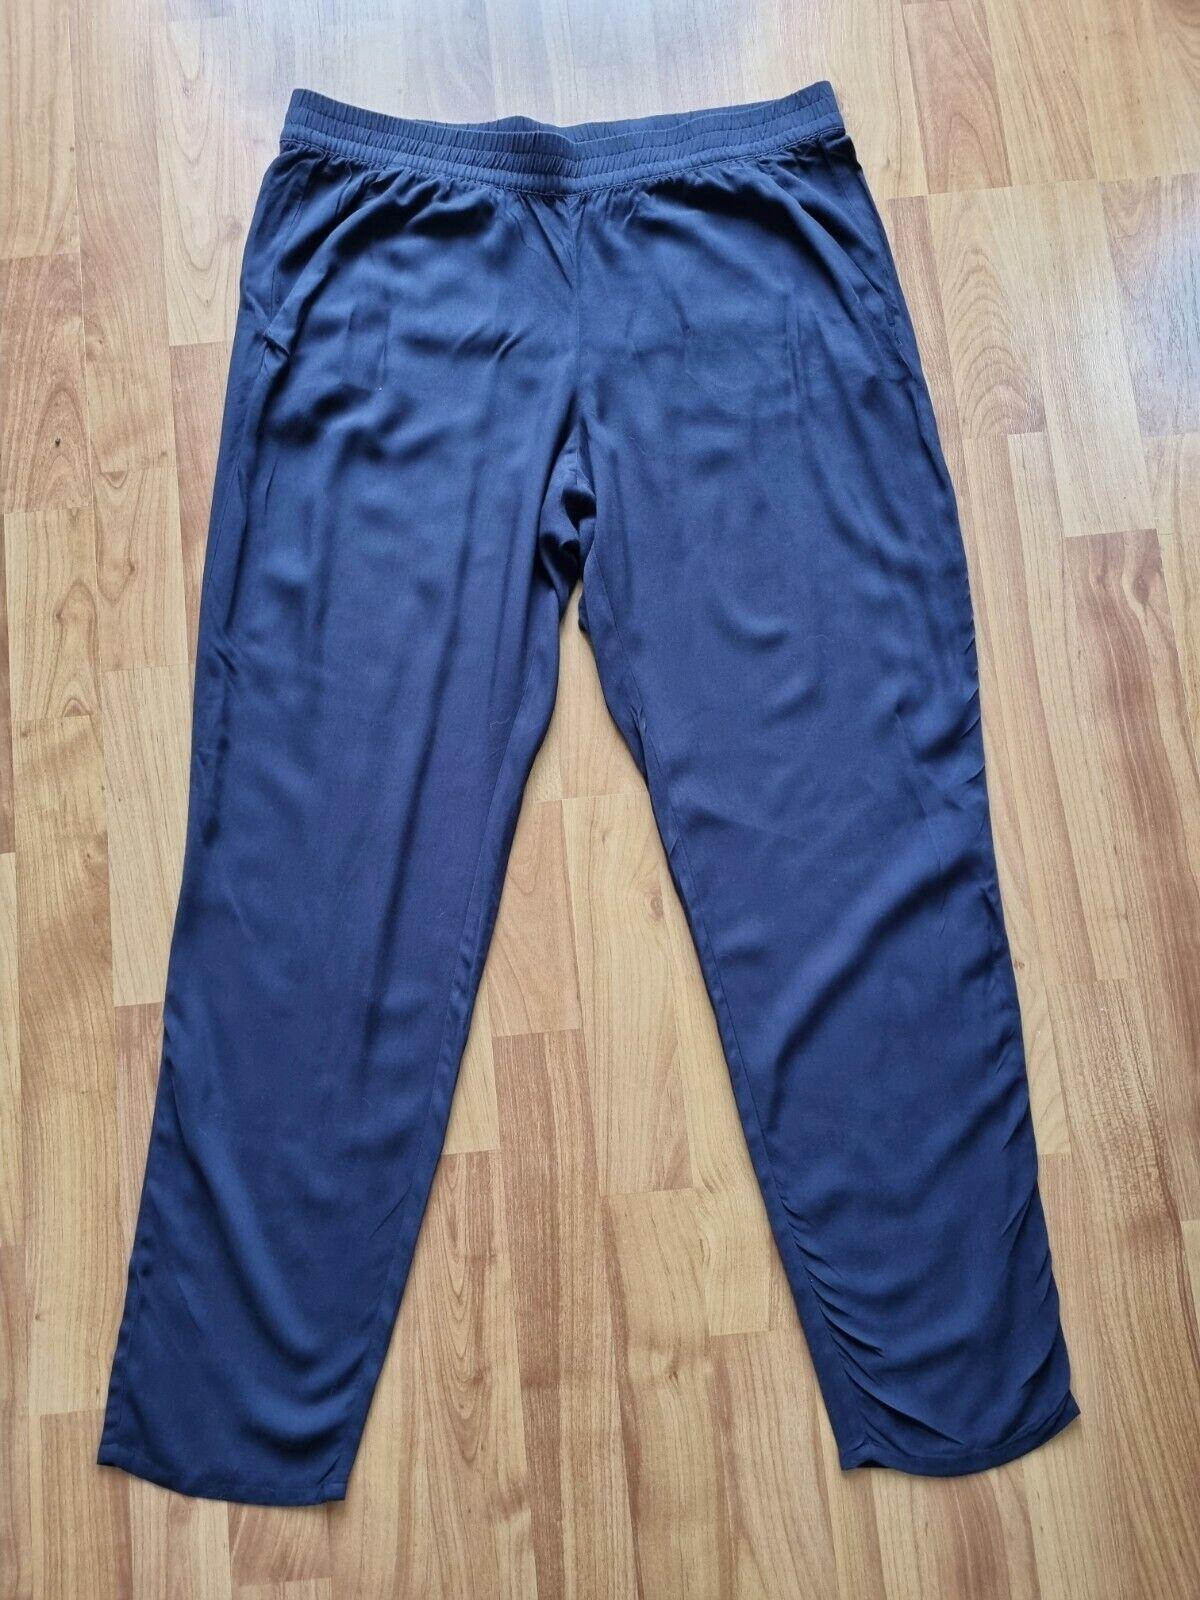 Leichte Sommerhose für Damen von H&M, dunkelblau, Gr. 44